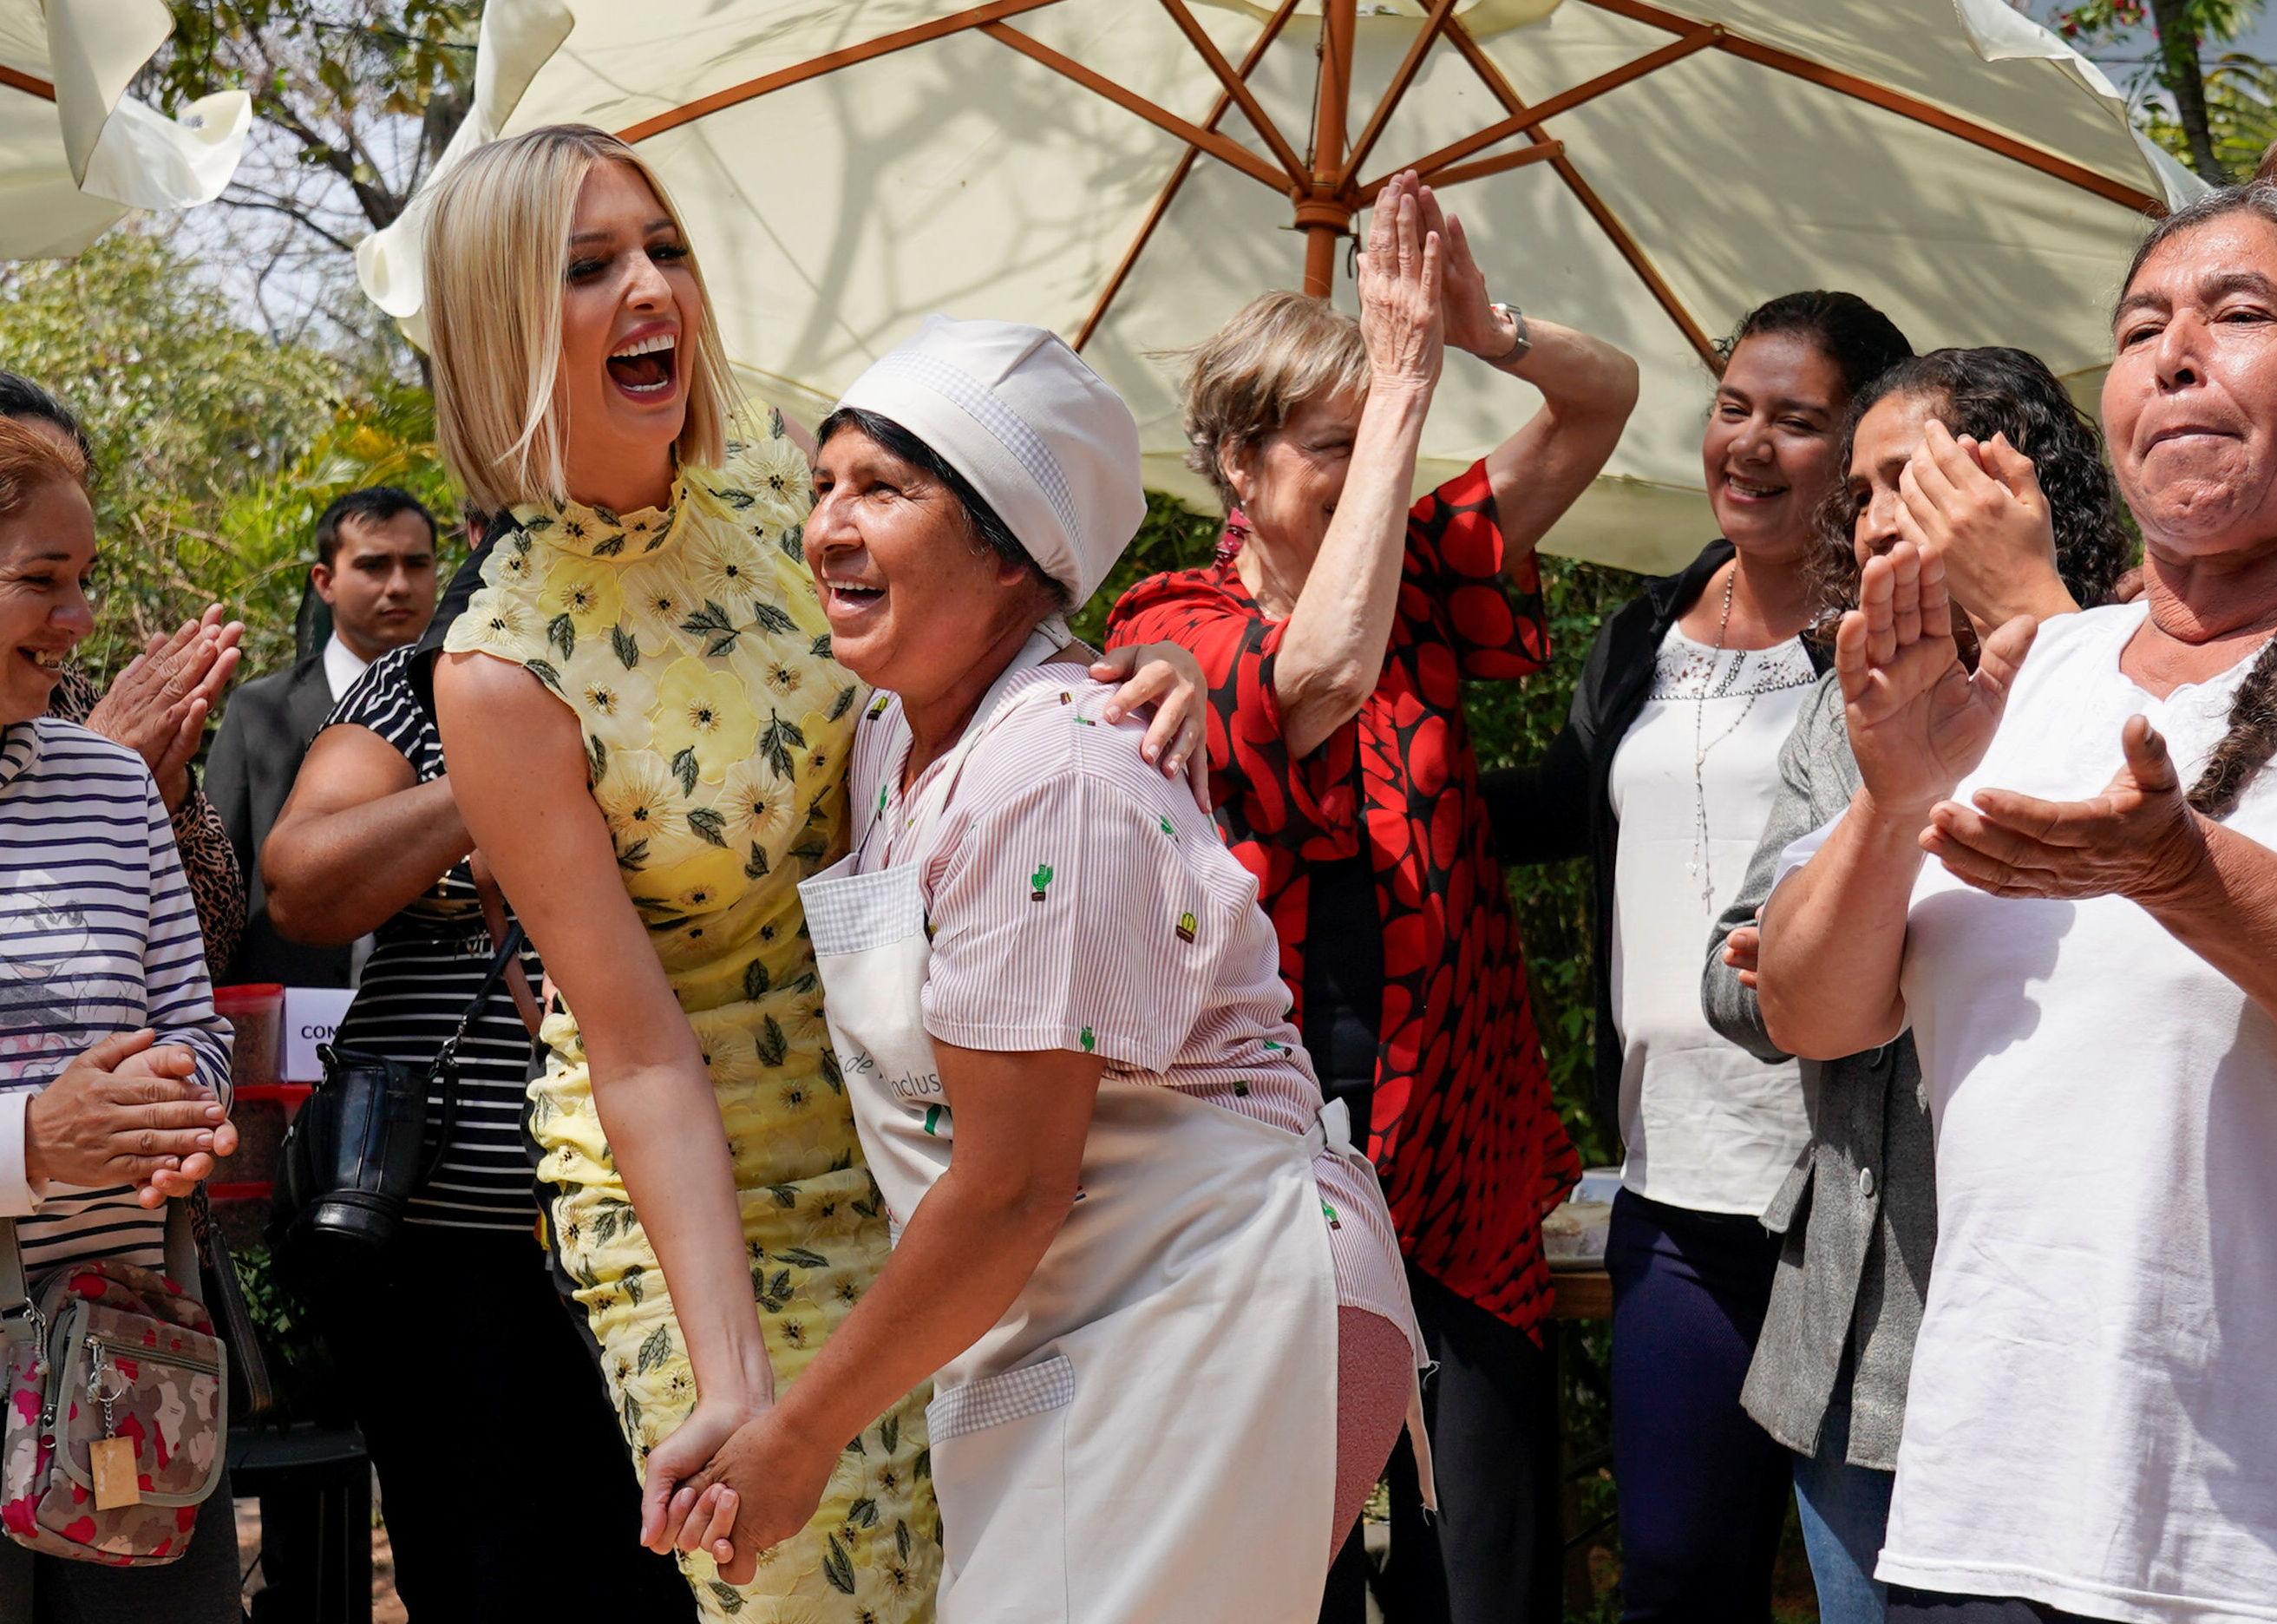 Una paraguaya rompe el protocolo con Ivanka Trump tras un evento de empoderamiento femenino en Asunción